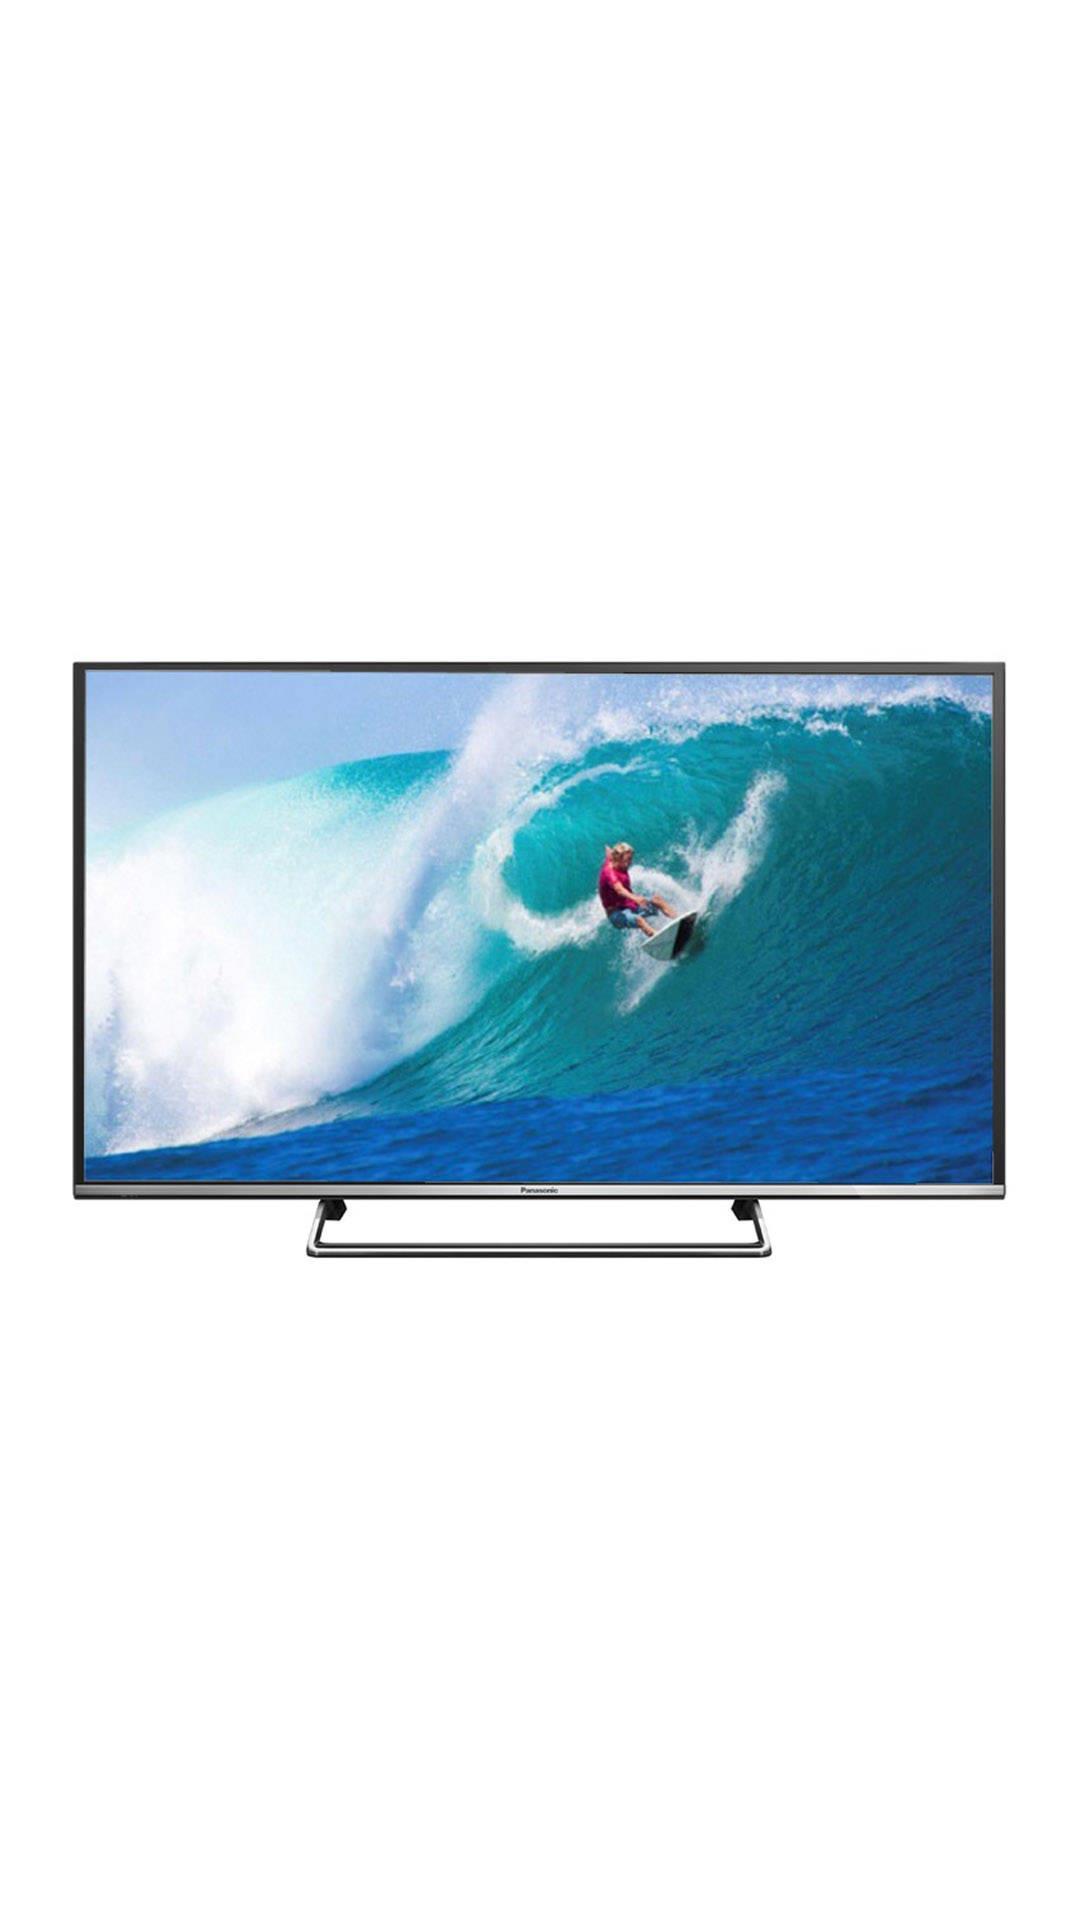 Panasonic TH-49CS580D 124.46 cm (49) LED TV (Full HD, Smart) Image